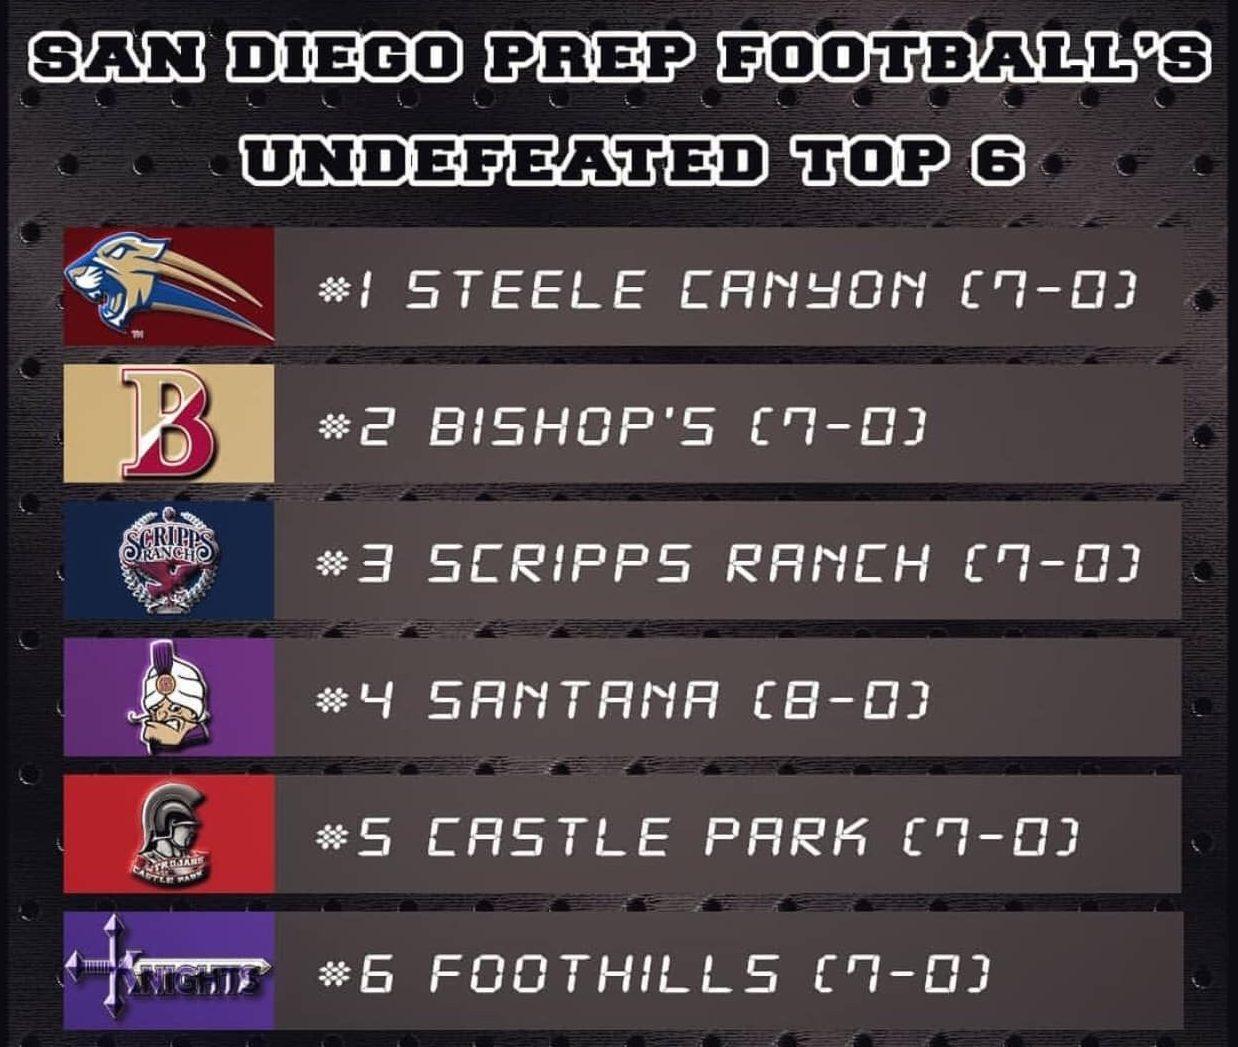 San Diego Prep Top Undefeated Football Teams